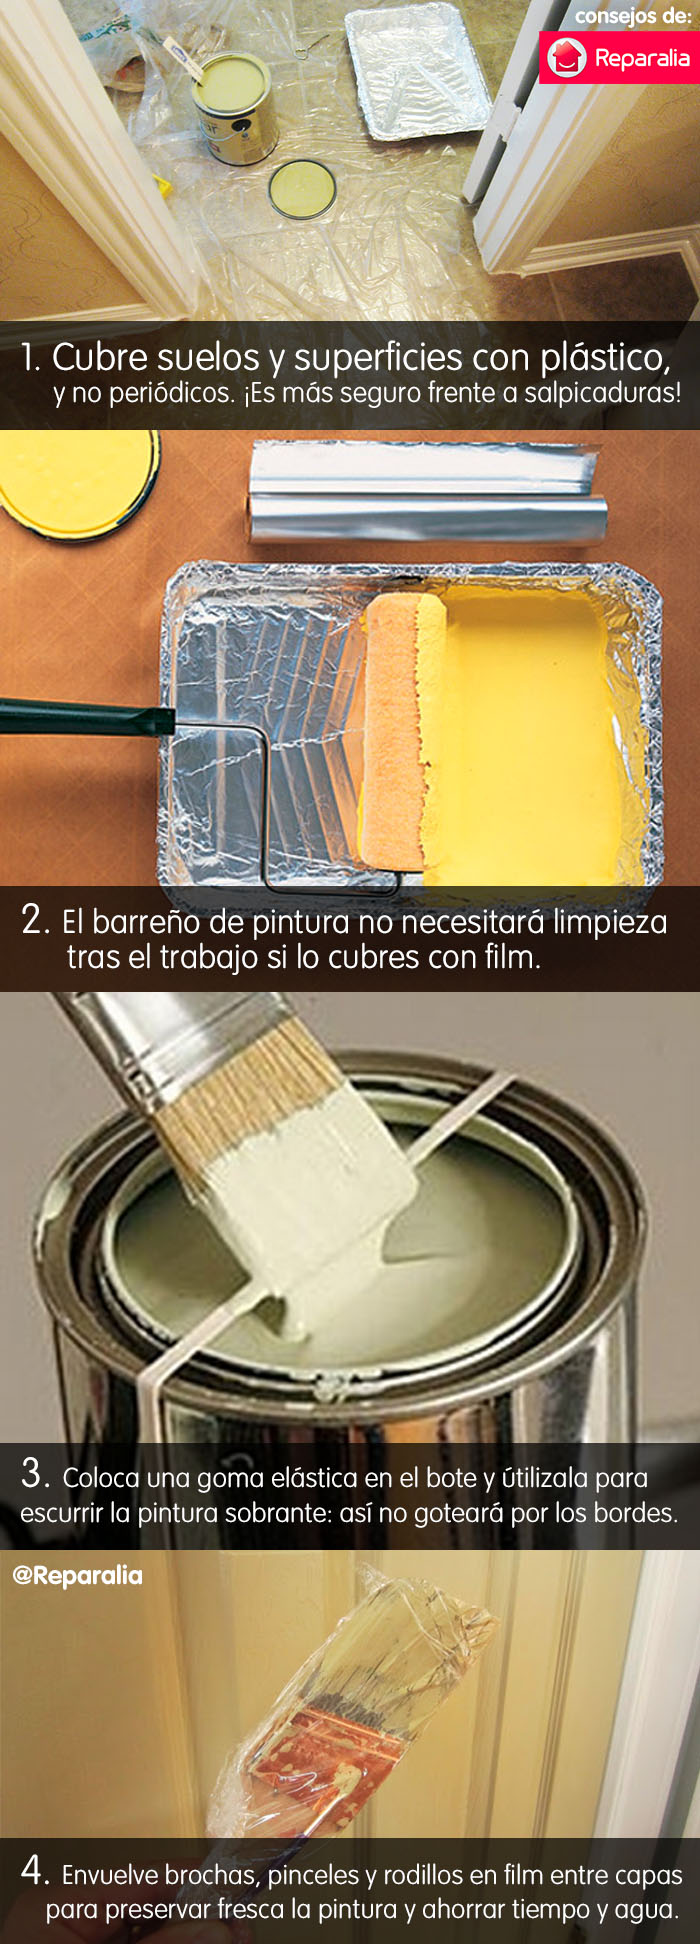 Meme: 4 consejos para pintar en casa y ahorrar tiempo y agua